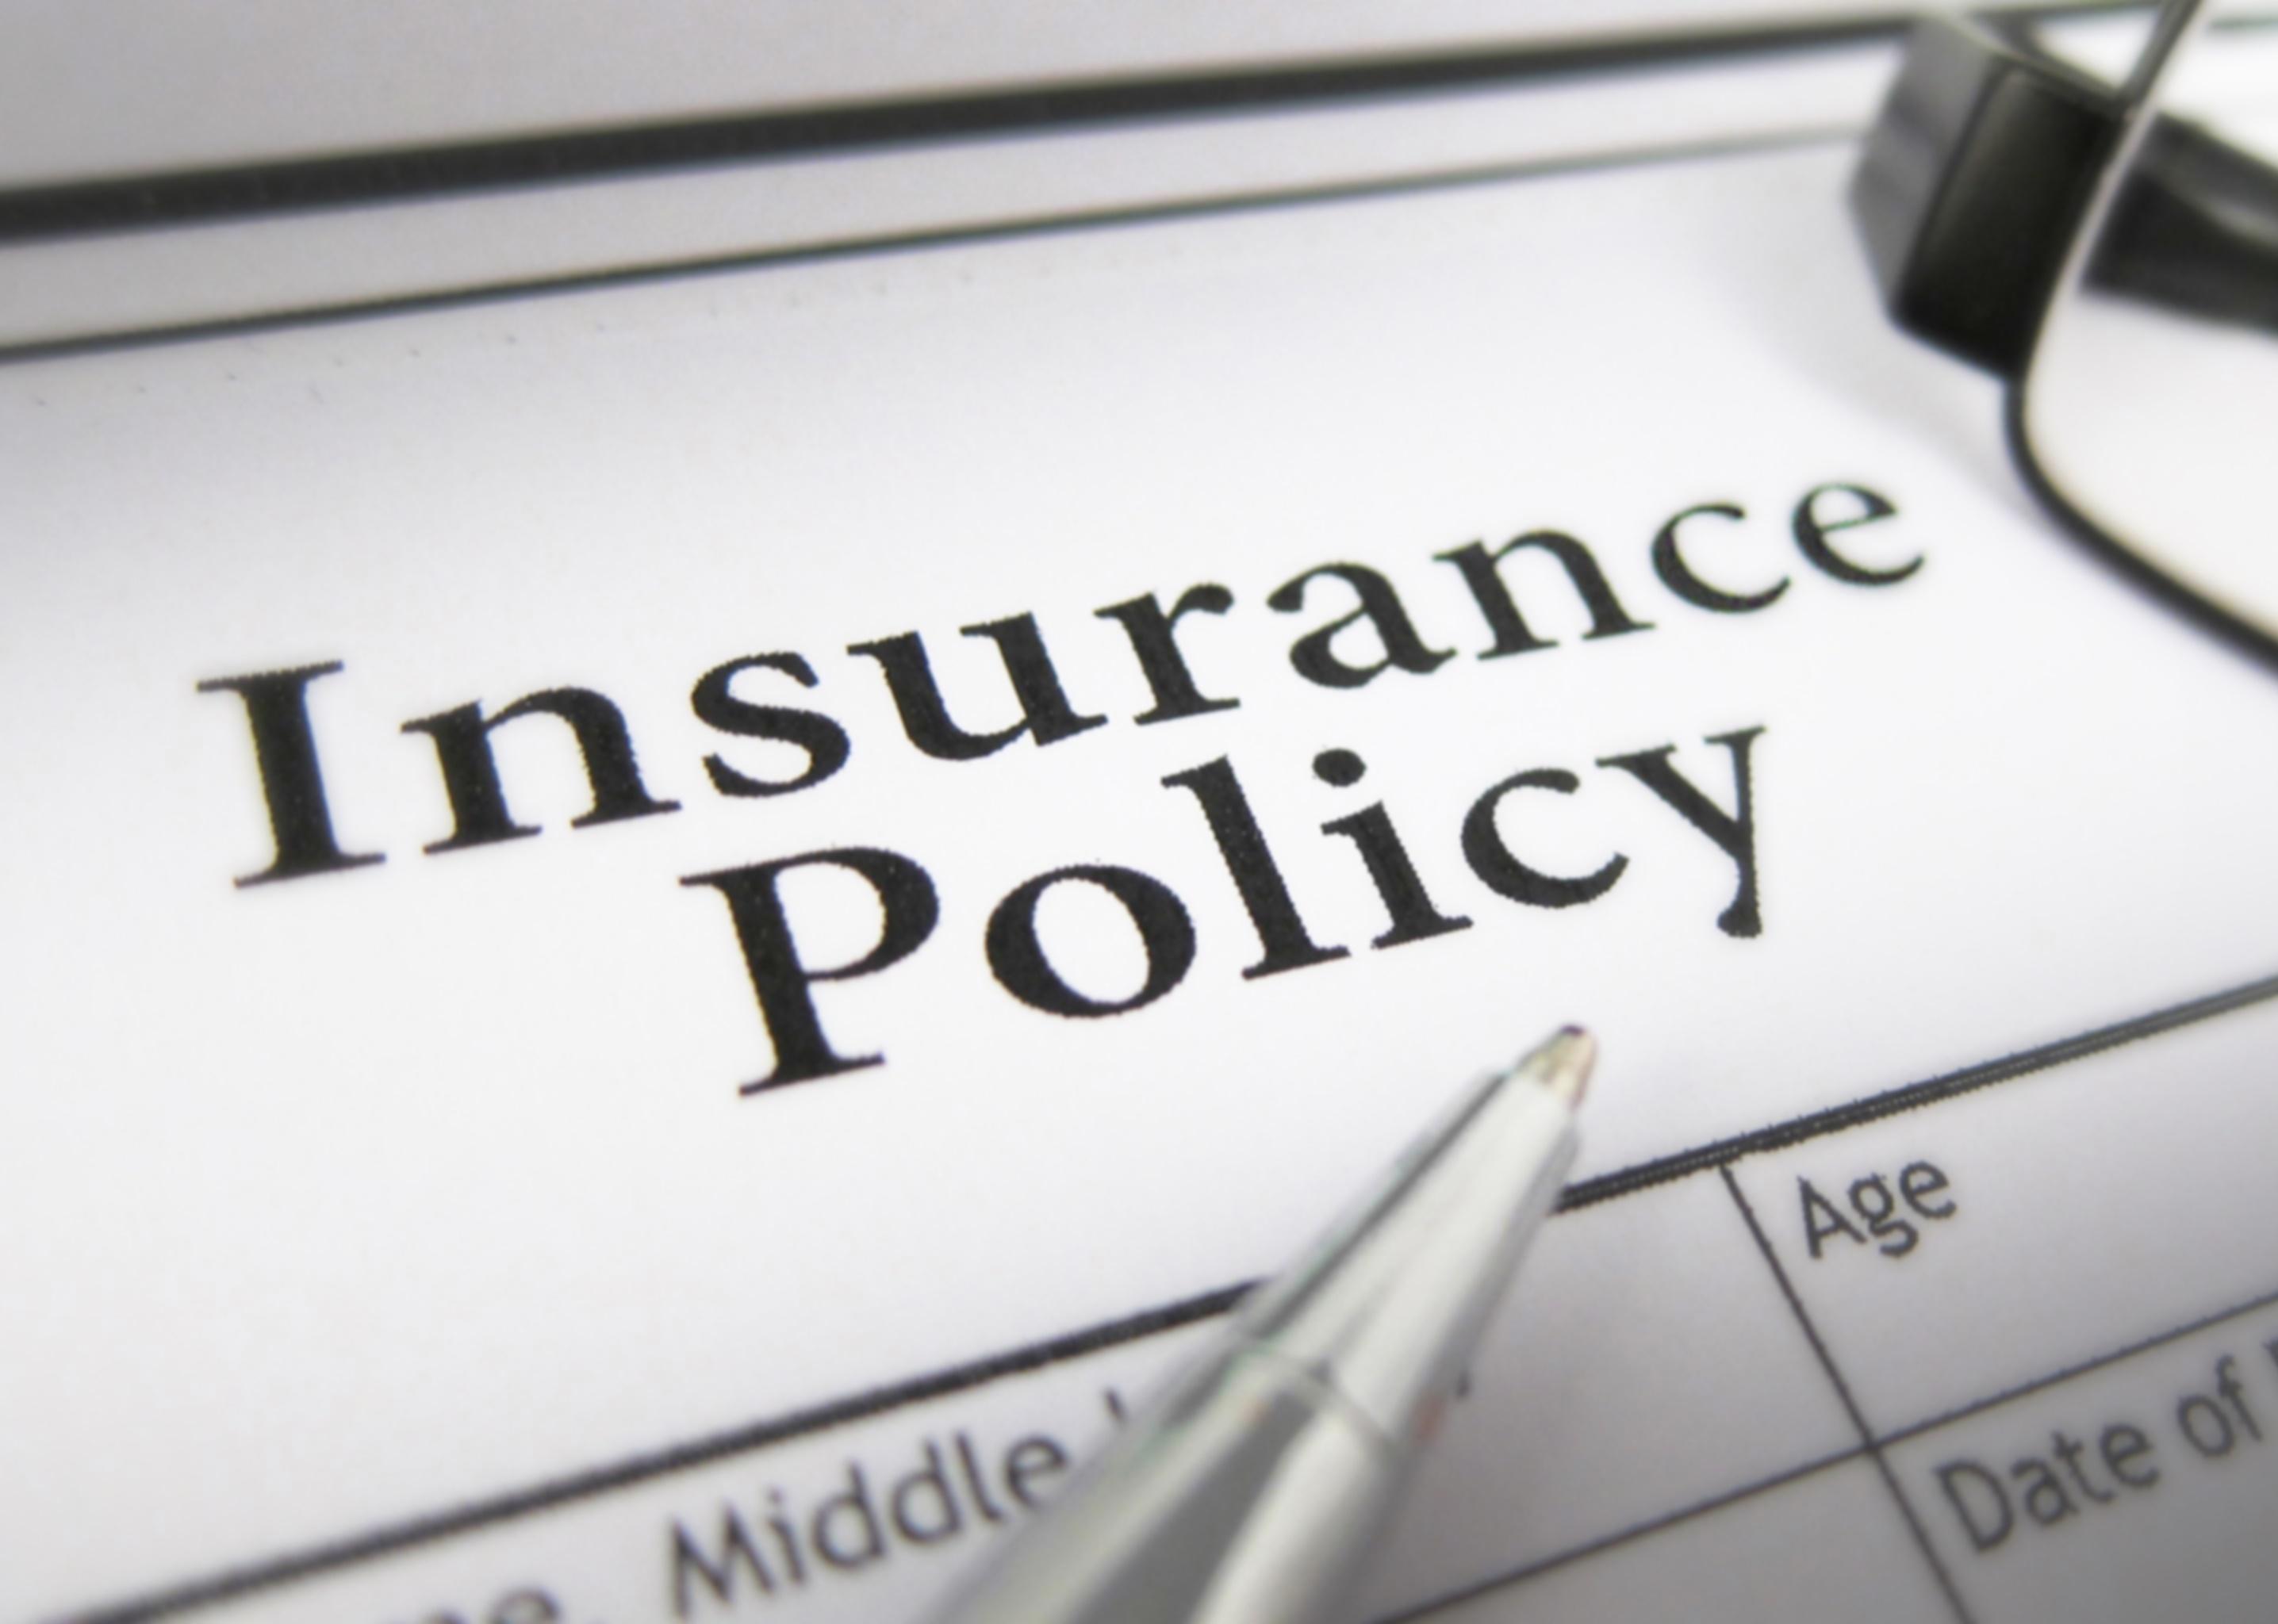 Co-op Insurance - Wikipedia